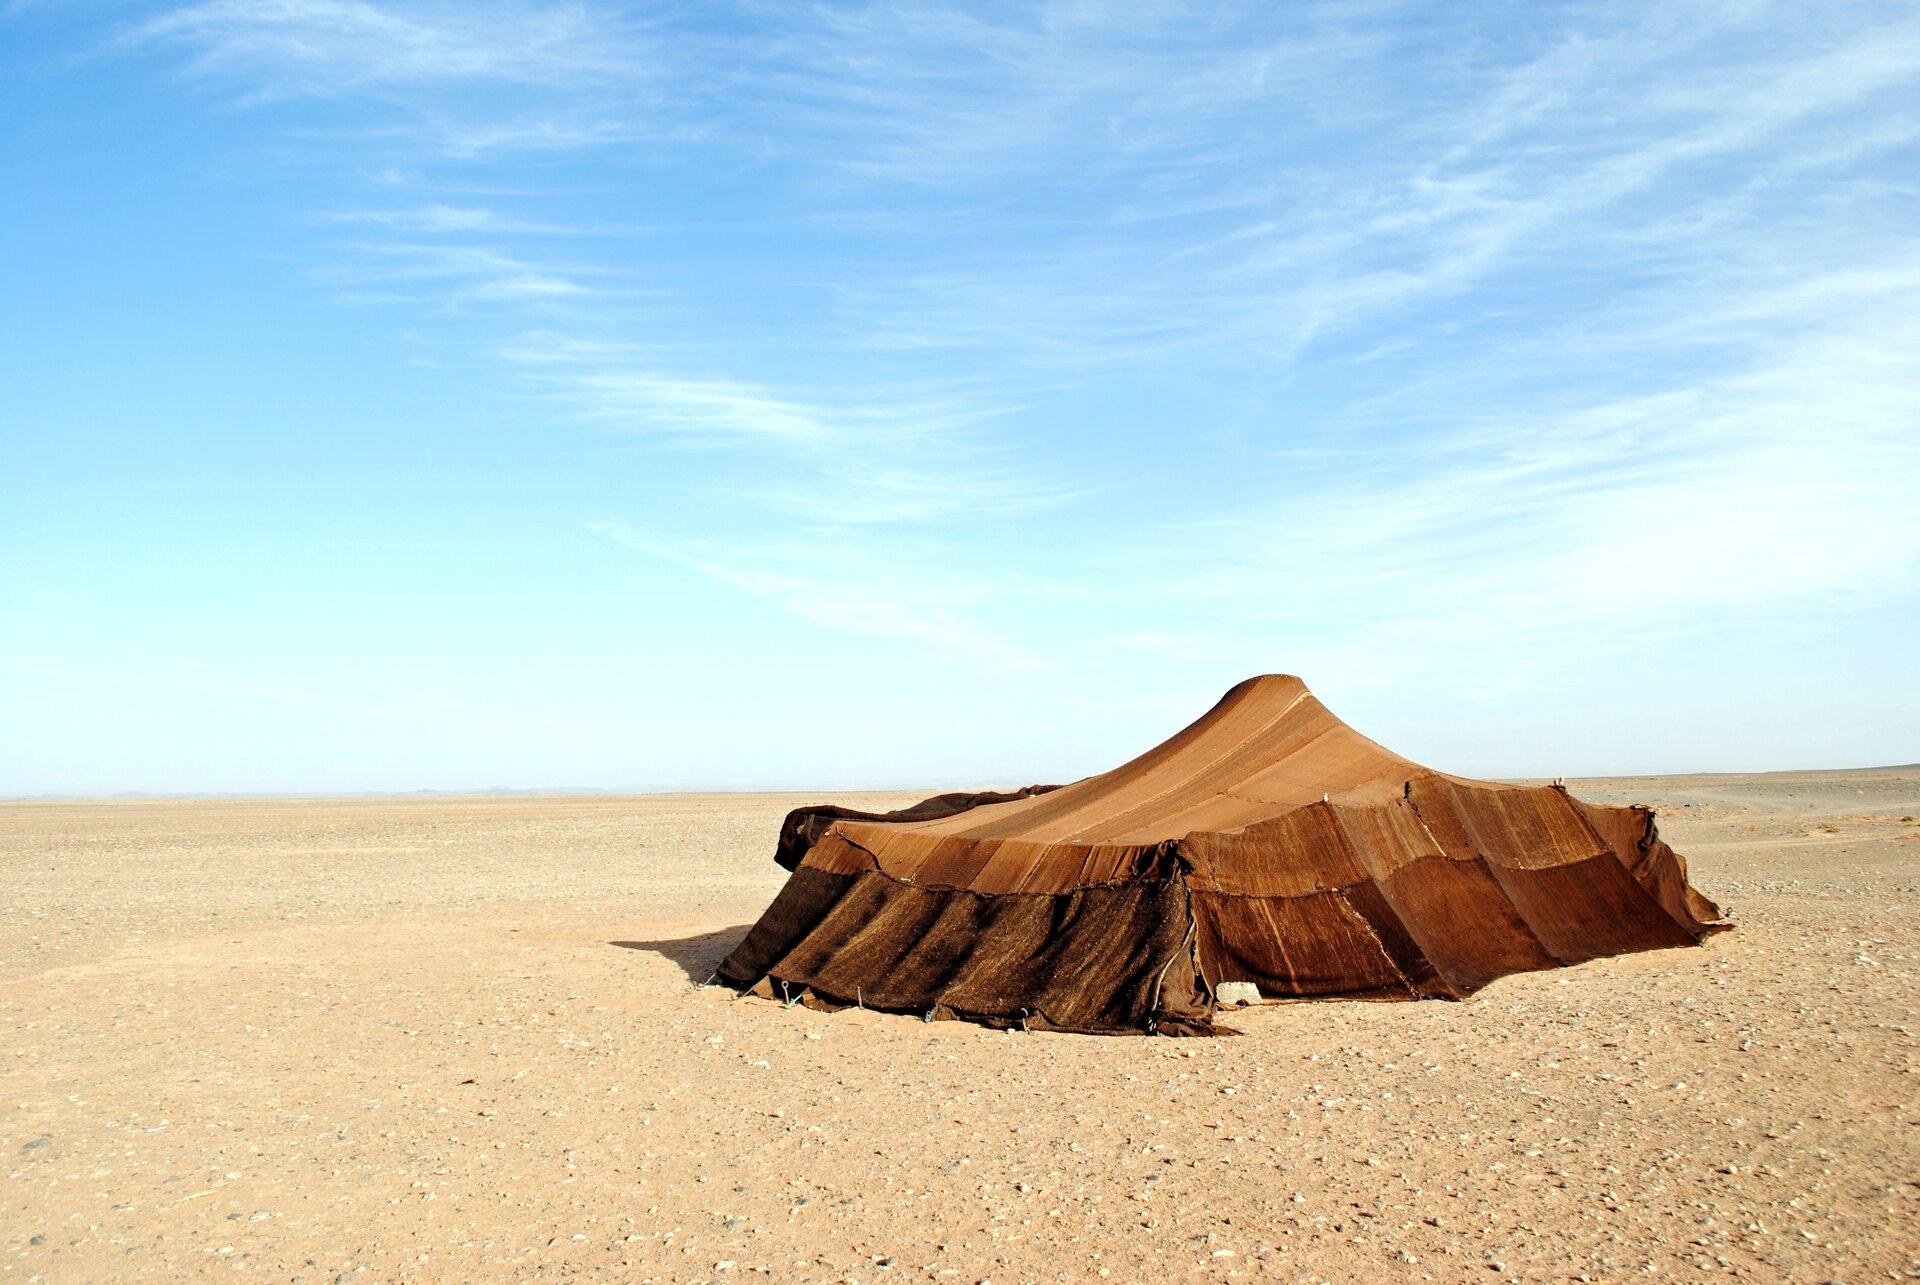 Namiot na pustyni. Podłoże jest kamieniste ipozbawione roślin. Na środku zdjęcia widać duży namiot, wktórym może schronić się kilkanaście osób.